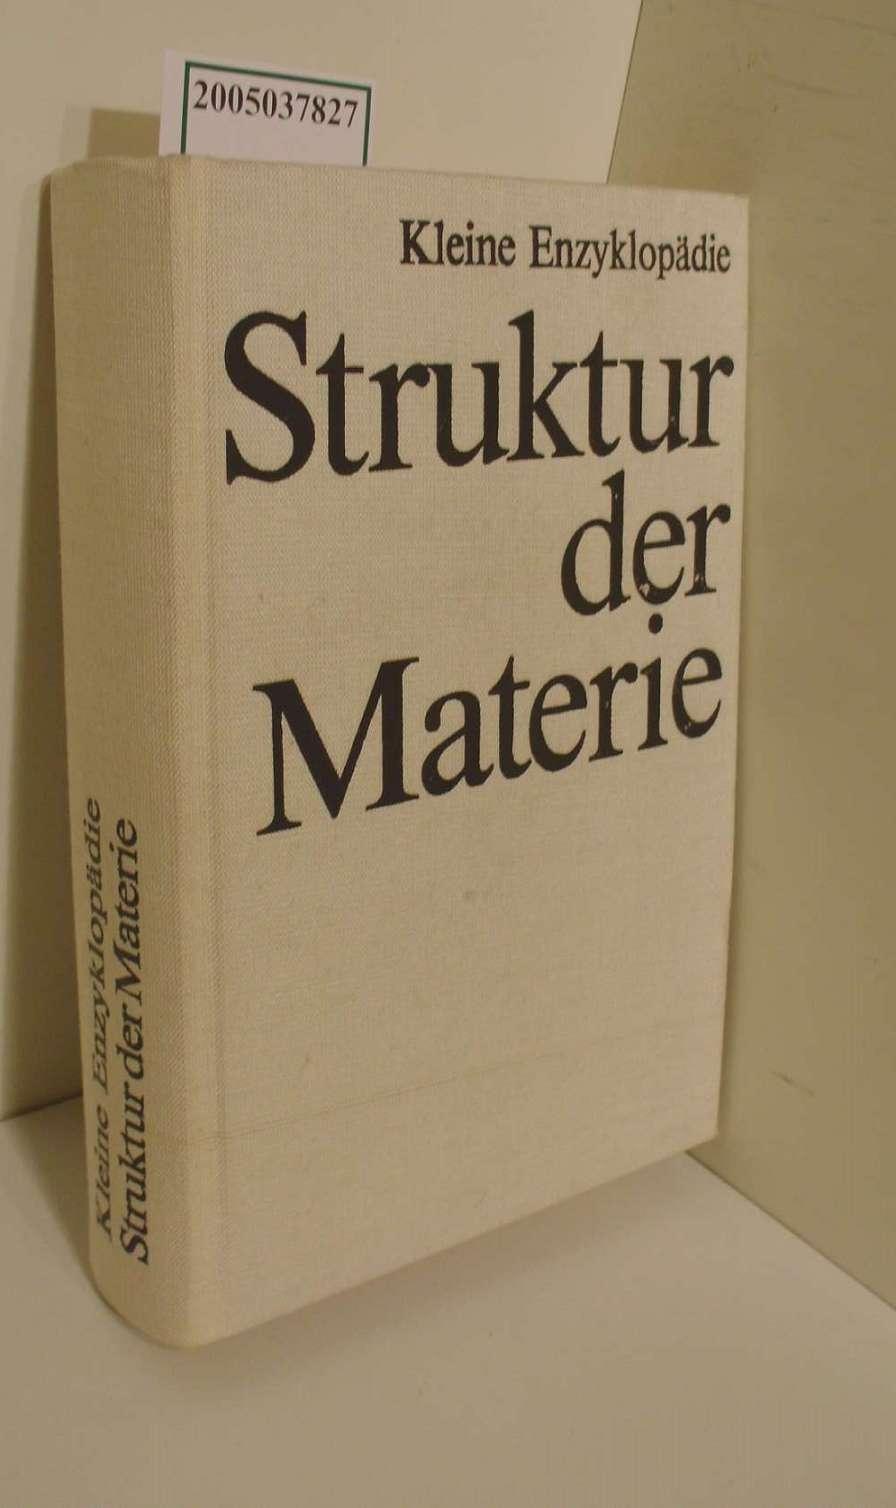 Struktur der Materie / [Hrsg. Christian Weissmantel ...] / Kleine Enzyklopädie 1. Aufl.